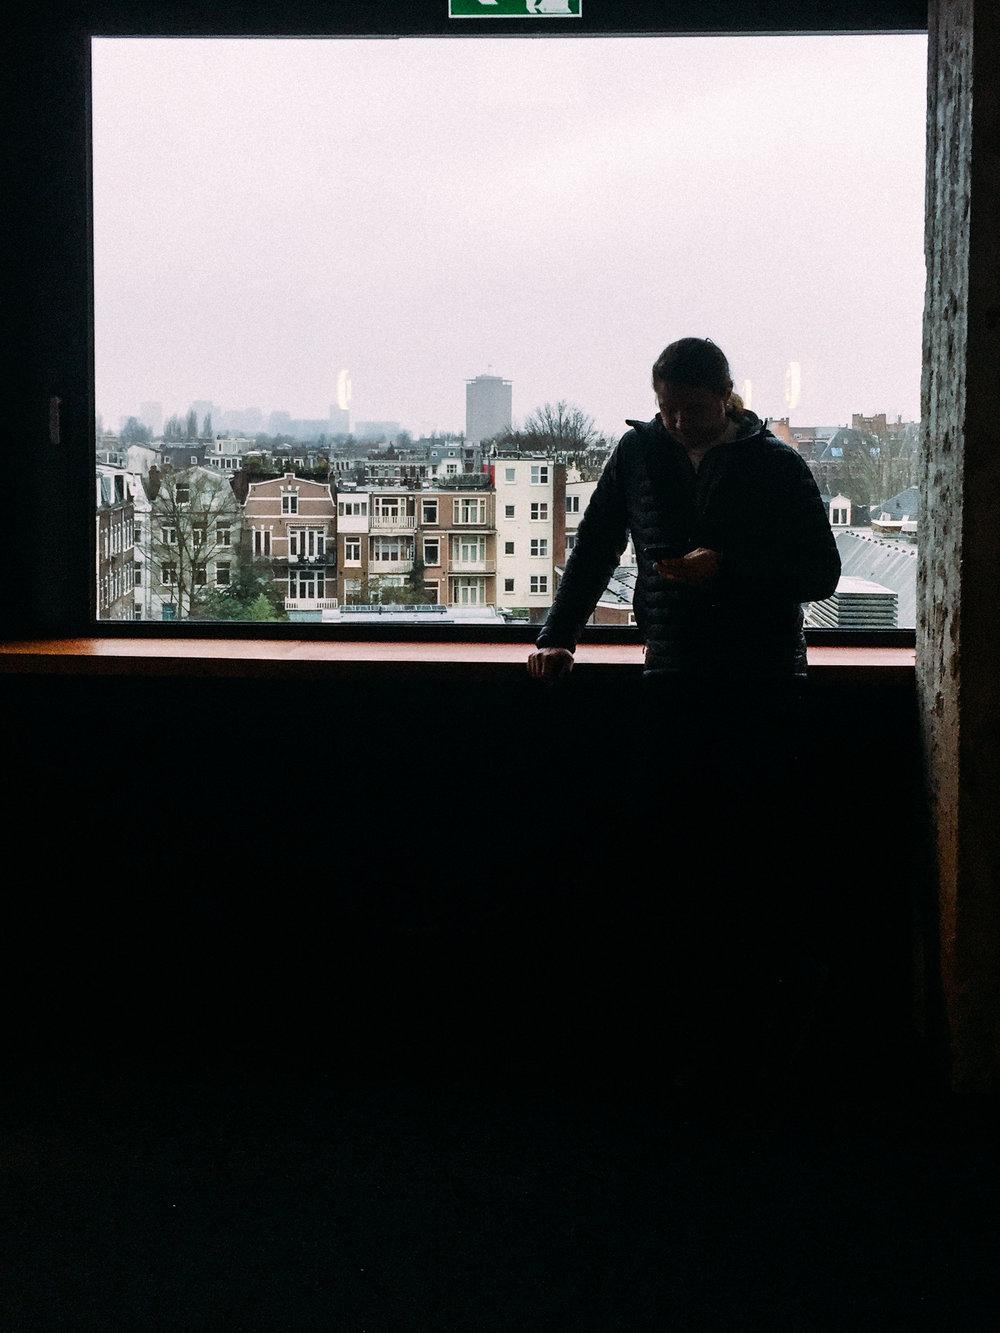 NYE in Amsterdam_QuinnsPlace-2.jpg